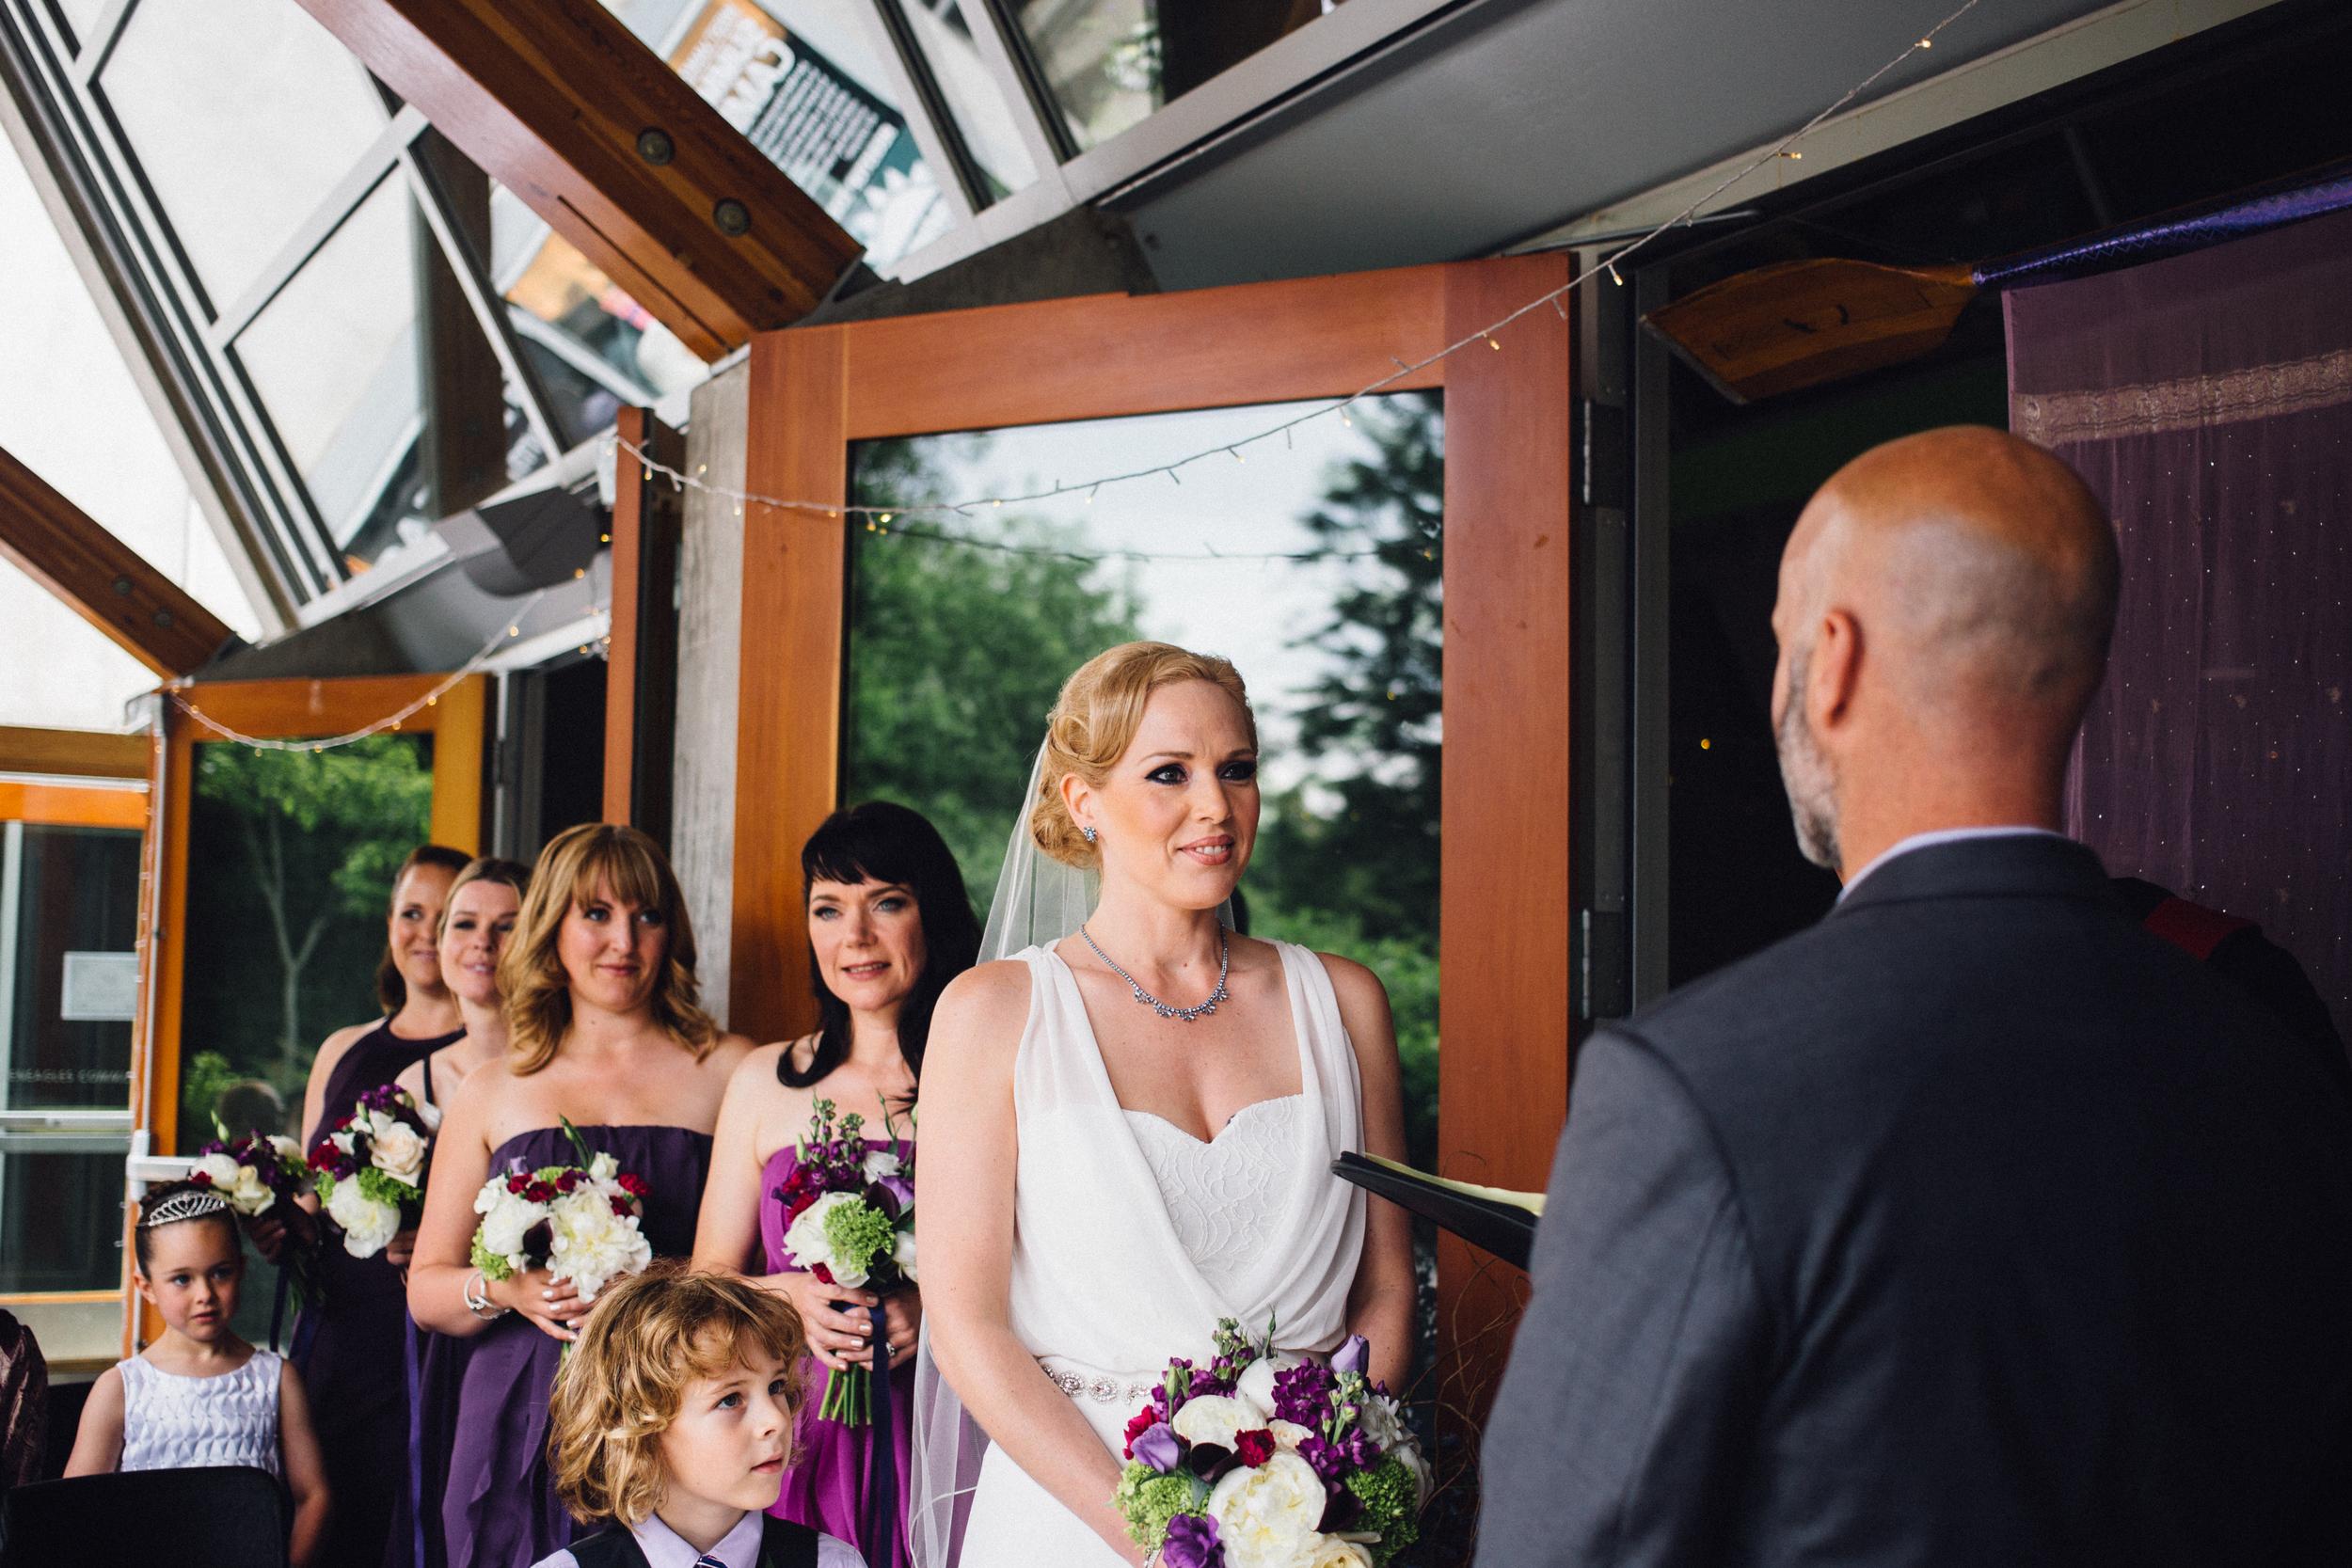 dogwoodphotography_photographer_vancouver_wedding_kimberley (45 of 180).jpg